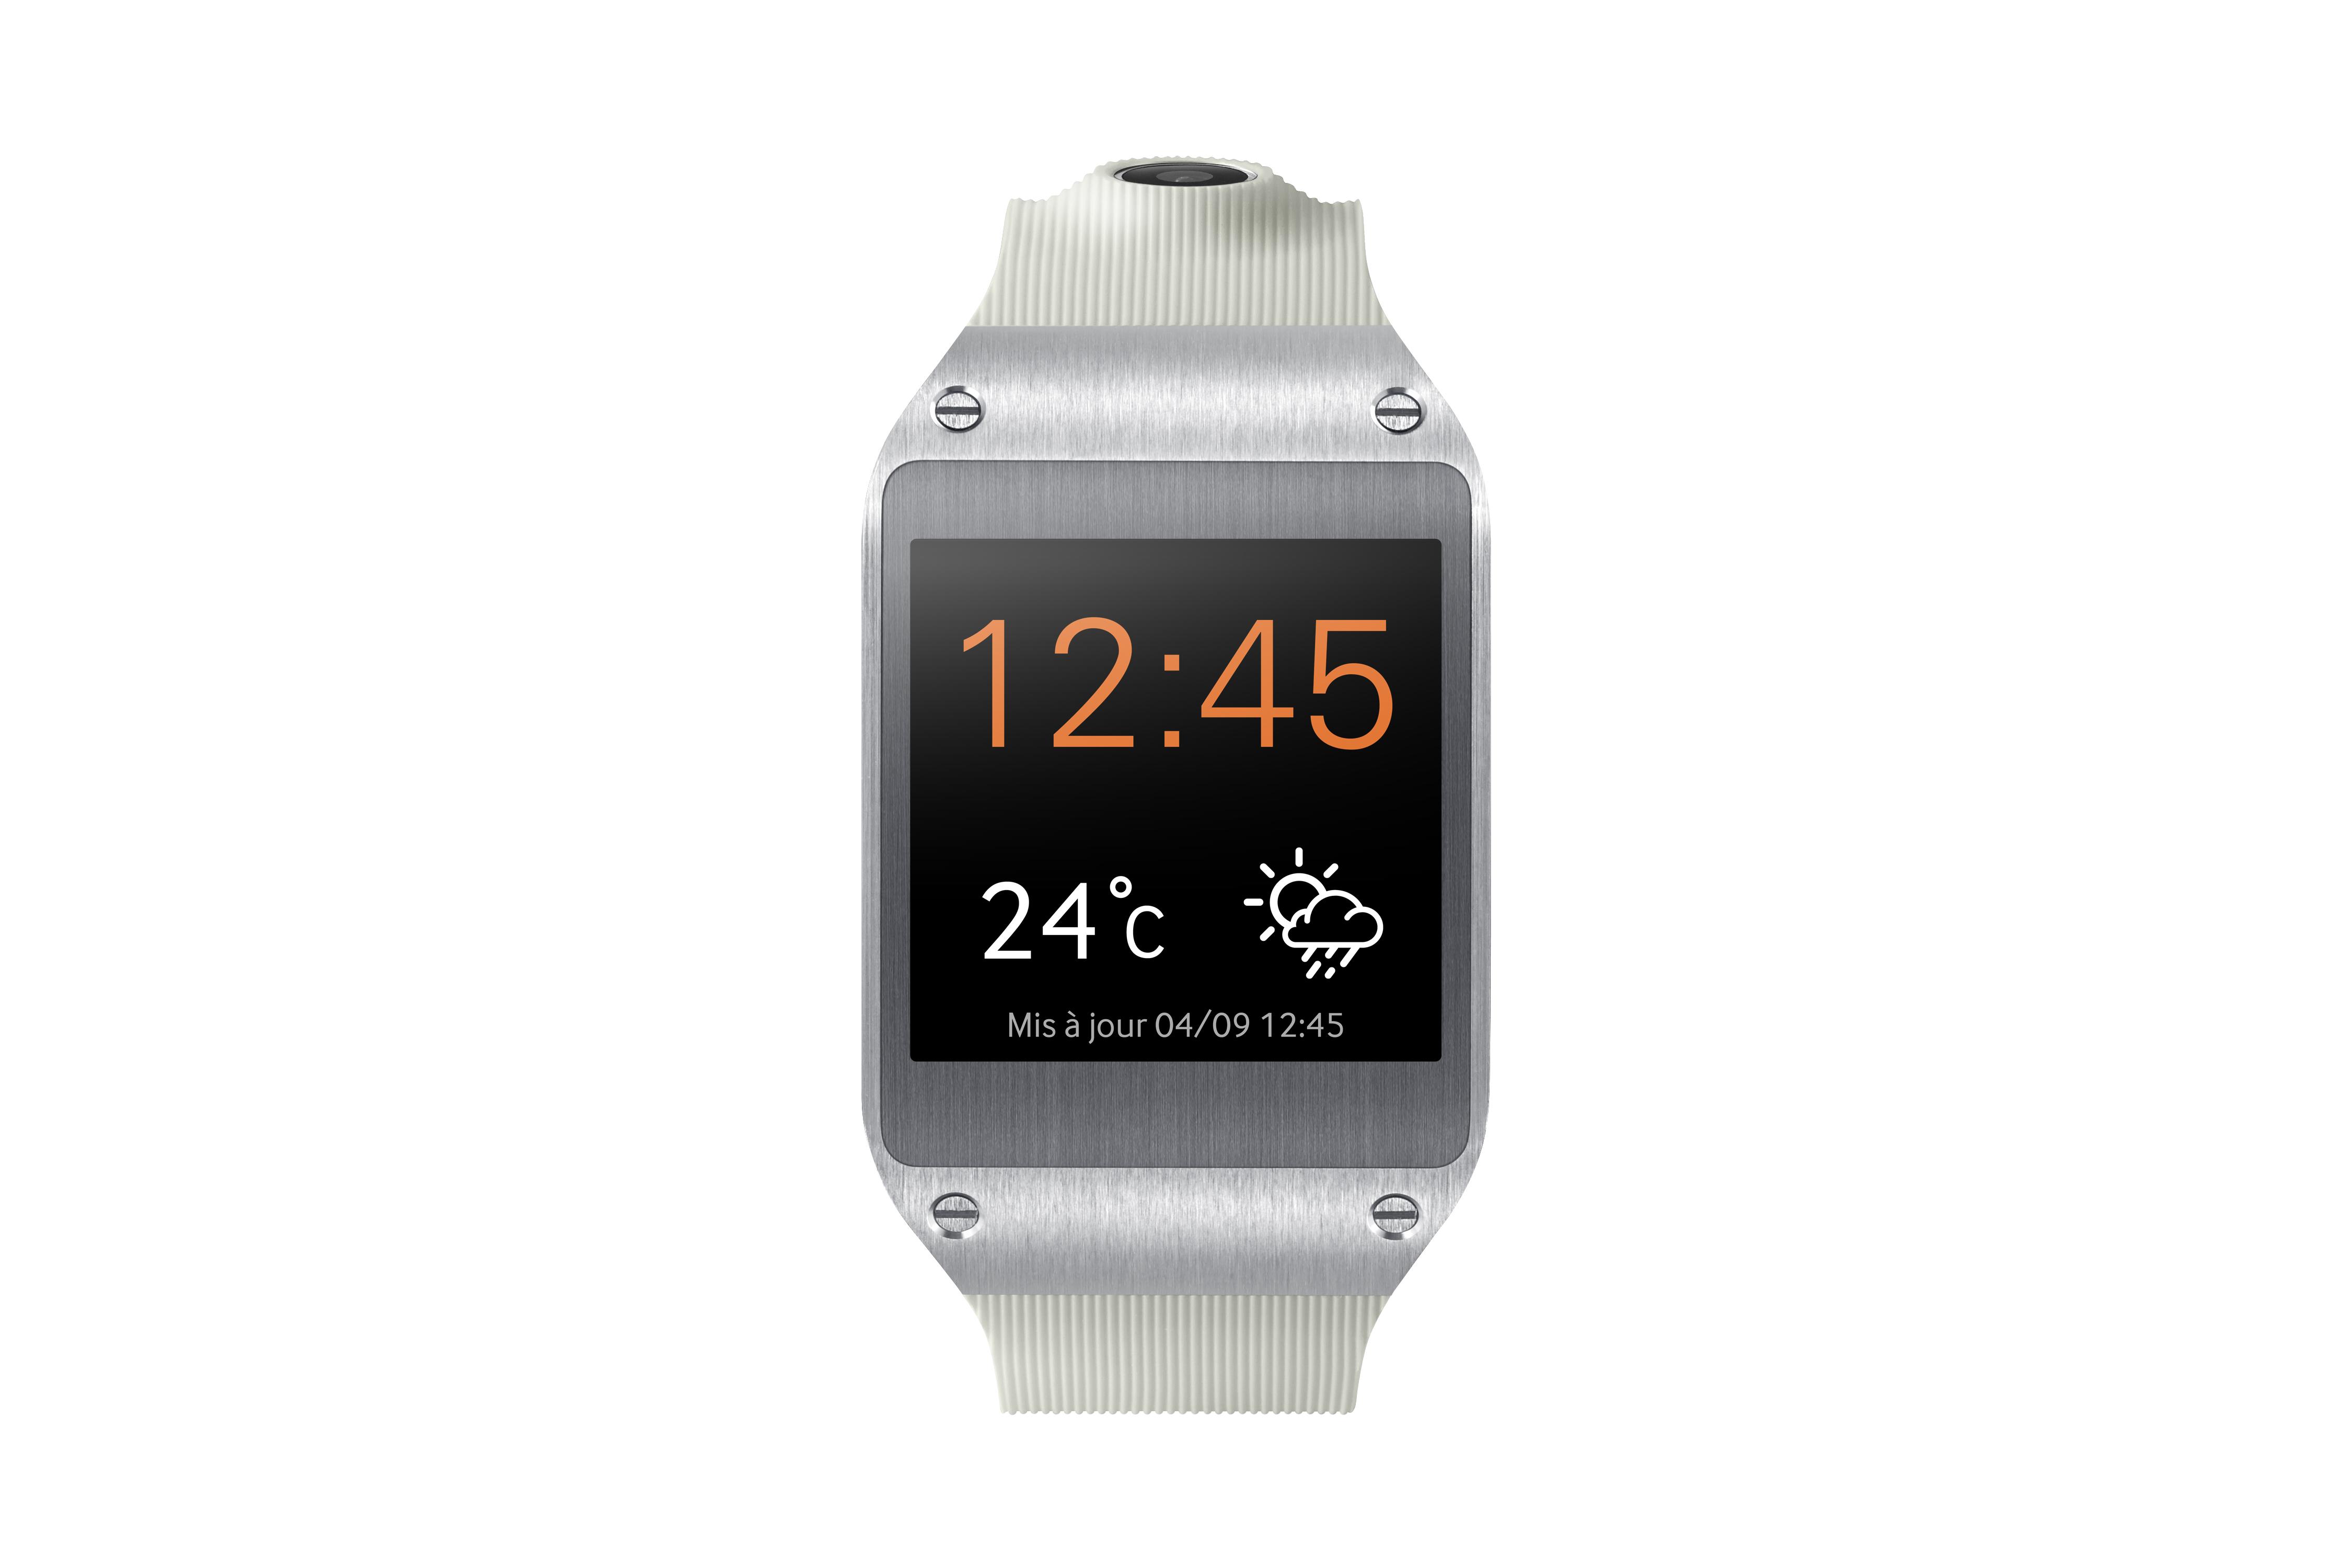 Montre Samsung Galaxy Gear blanche